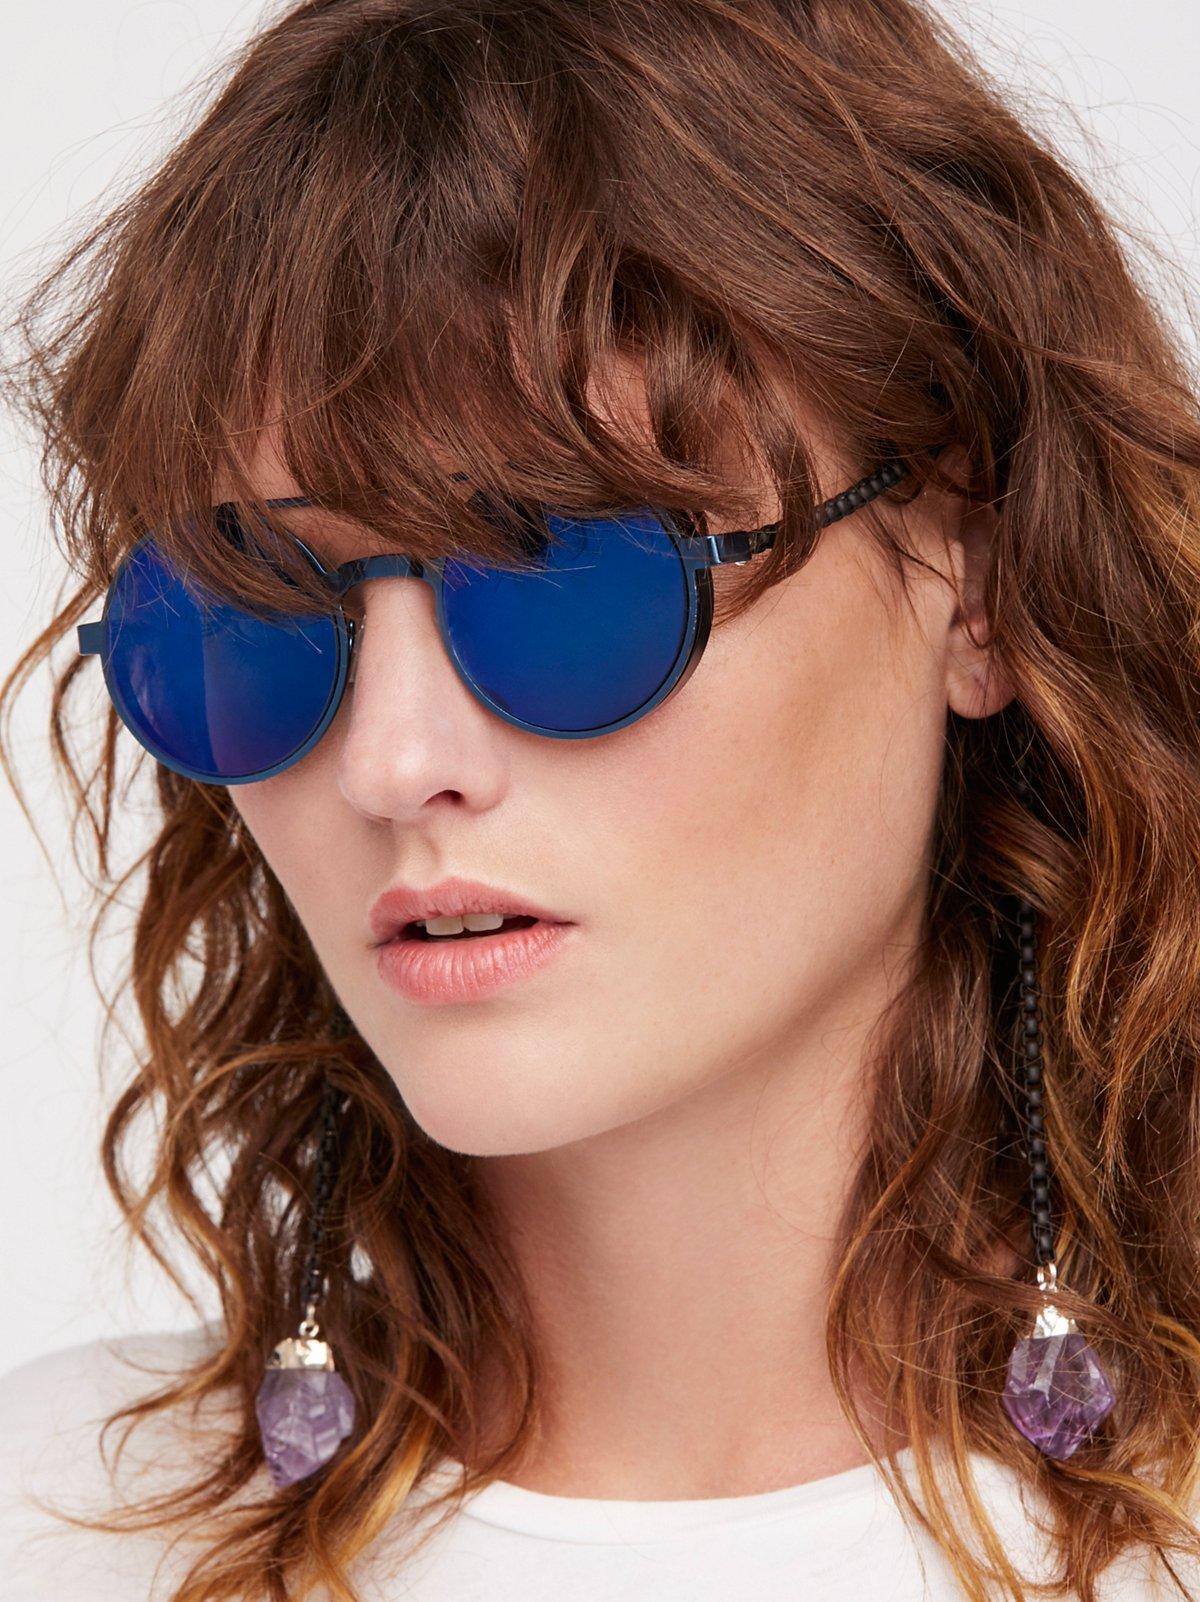 Diamond in the Rough Sunglasses